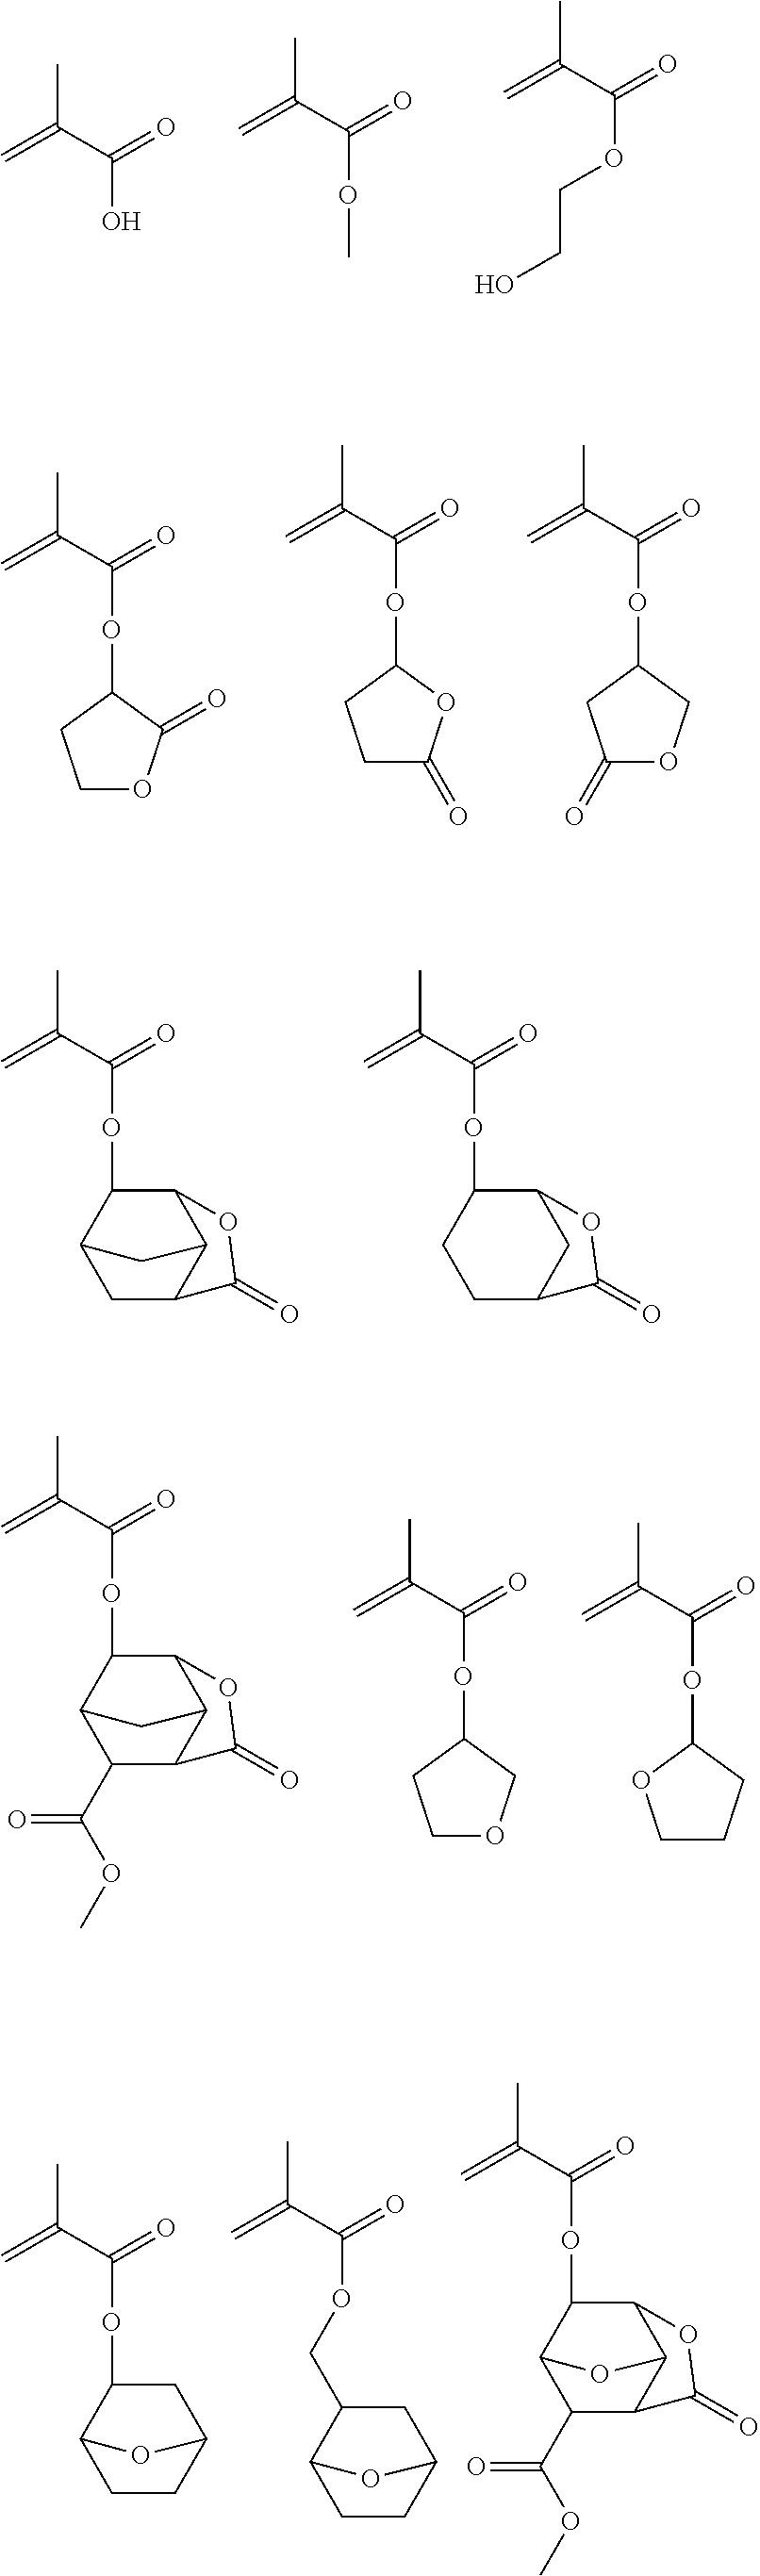 Figure US08822136-20140902-C00056